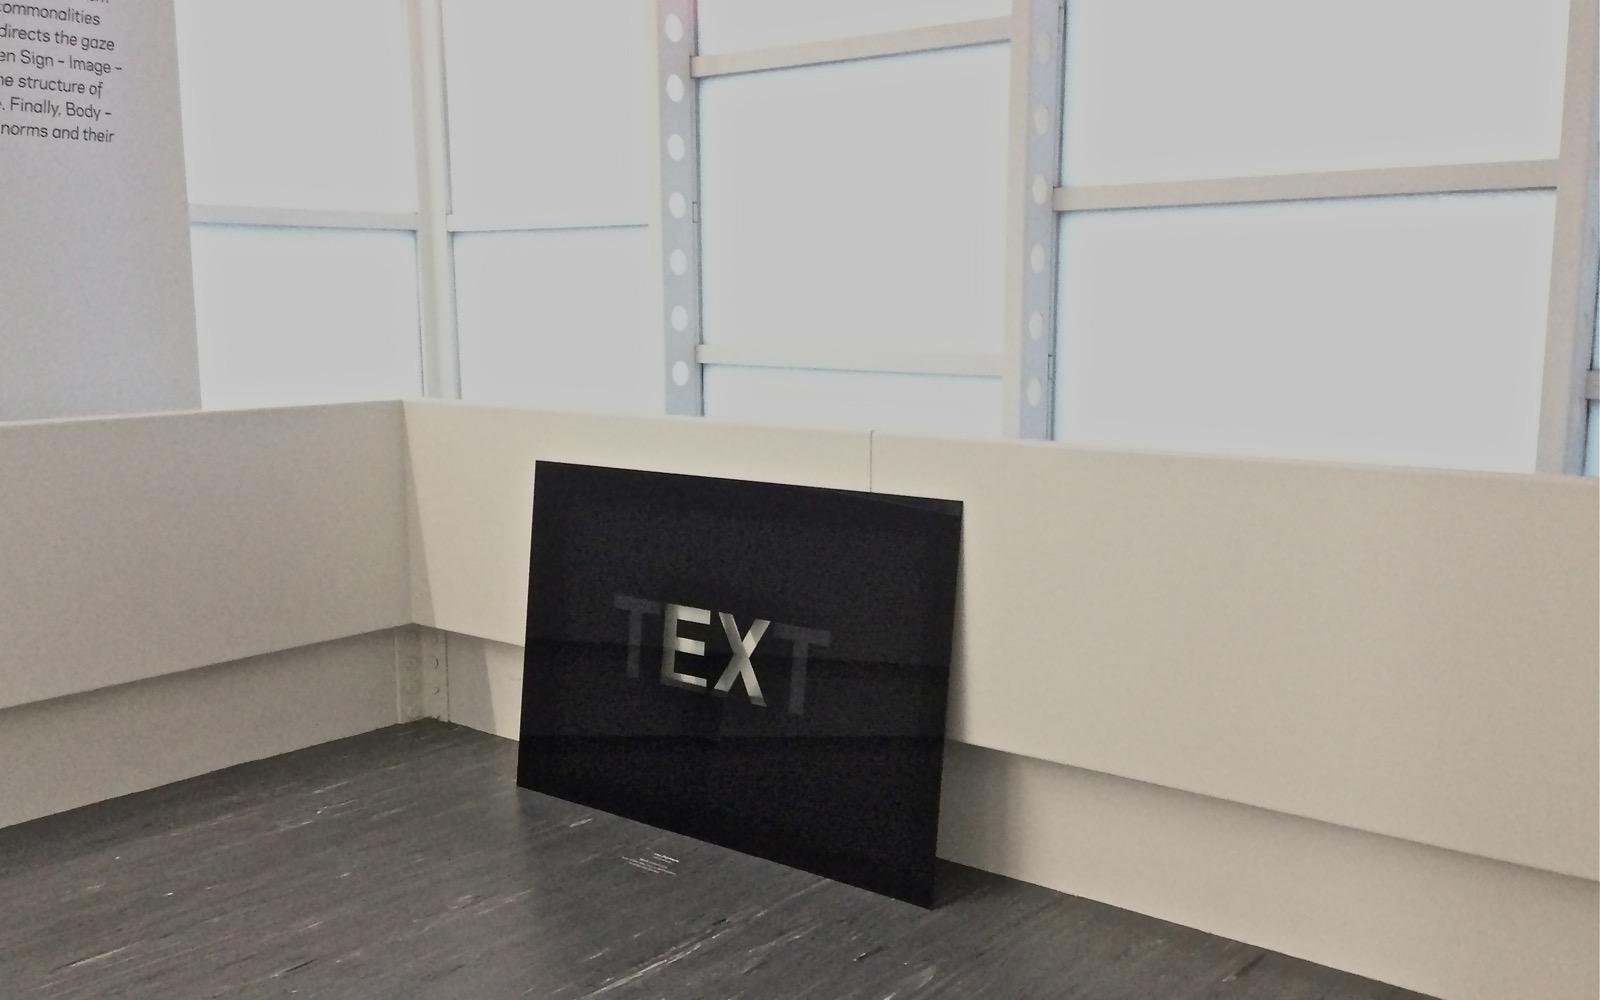 TEXT, 2002, Hinterglasmalerei / reverse glass painting, 96x146cm<br> Ausstellung: Zeichen Bild Objekt / 21er Haus, Wien 2013; Exhibition: Sign – Image – Object, 21er Haus, Vienna 2013